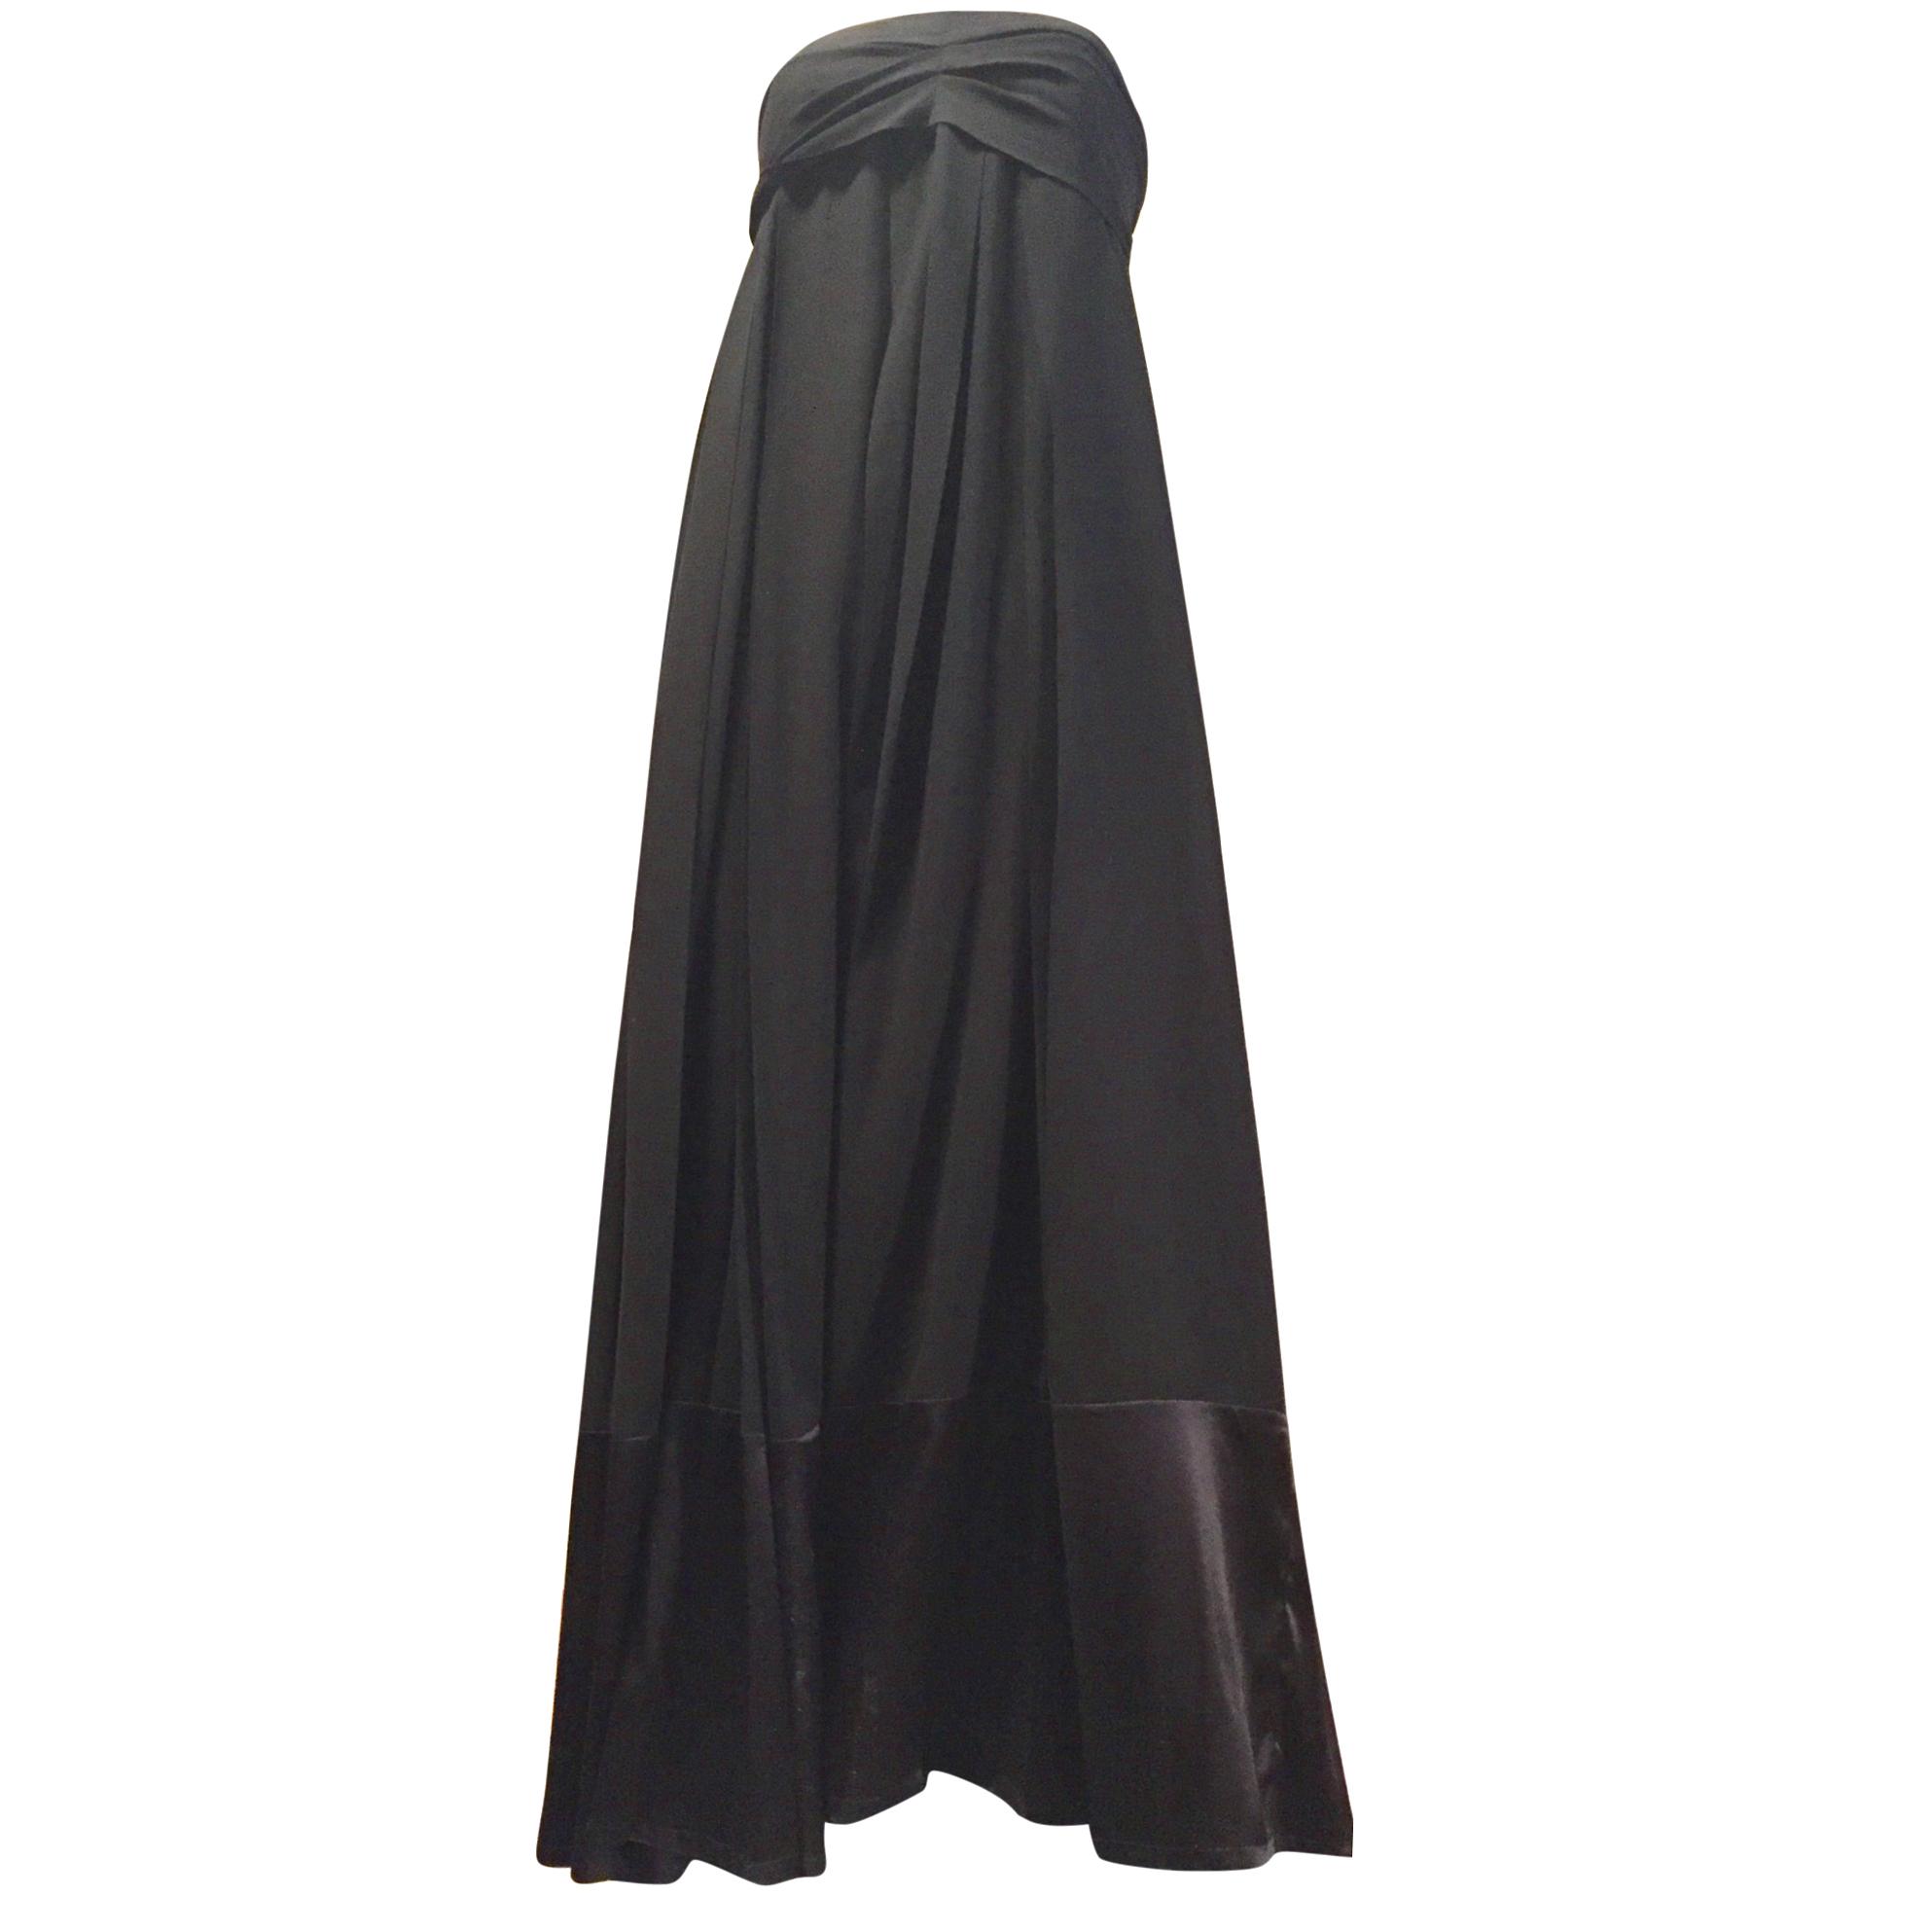 JIL SANDER long cashmere & silk evening dress size S